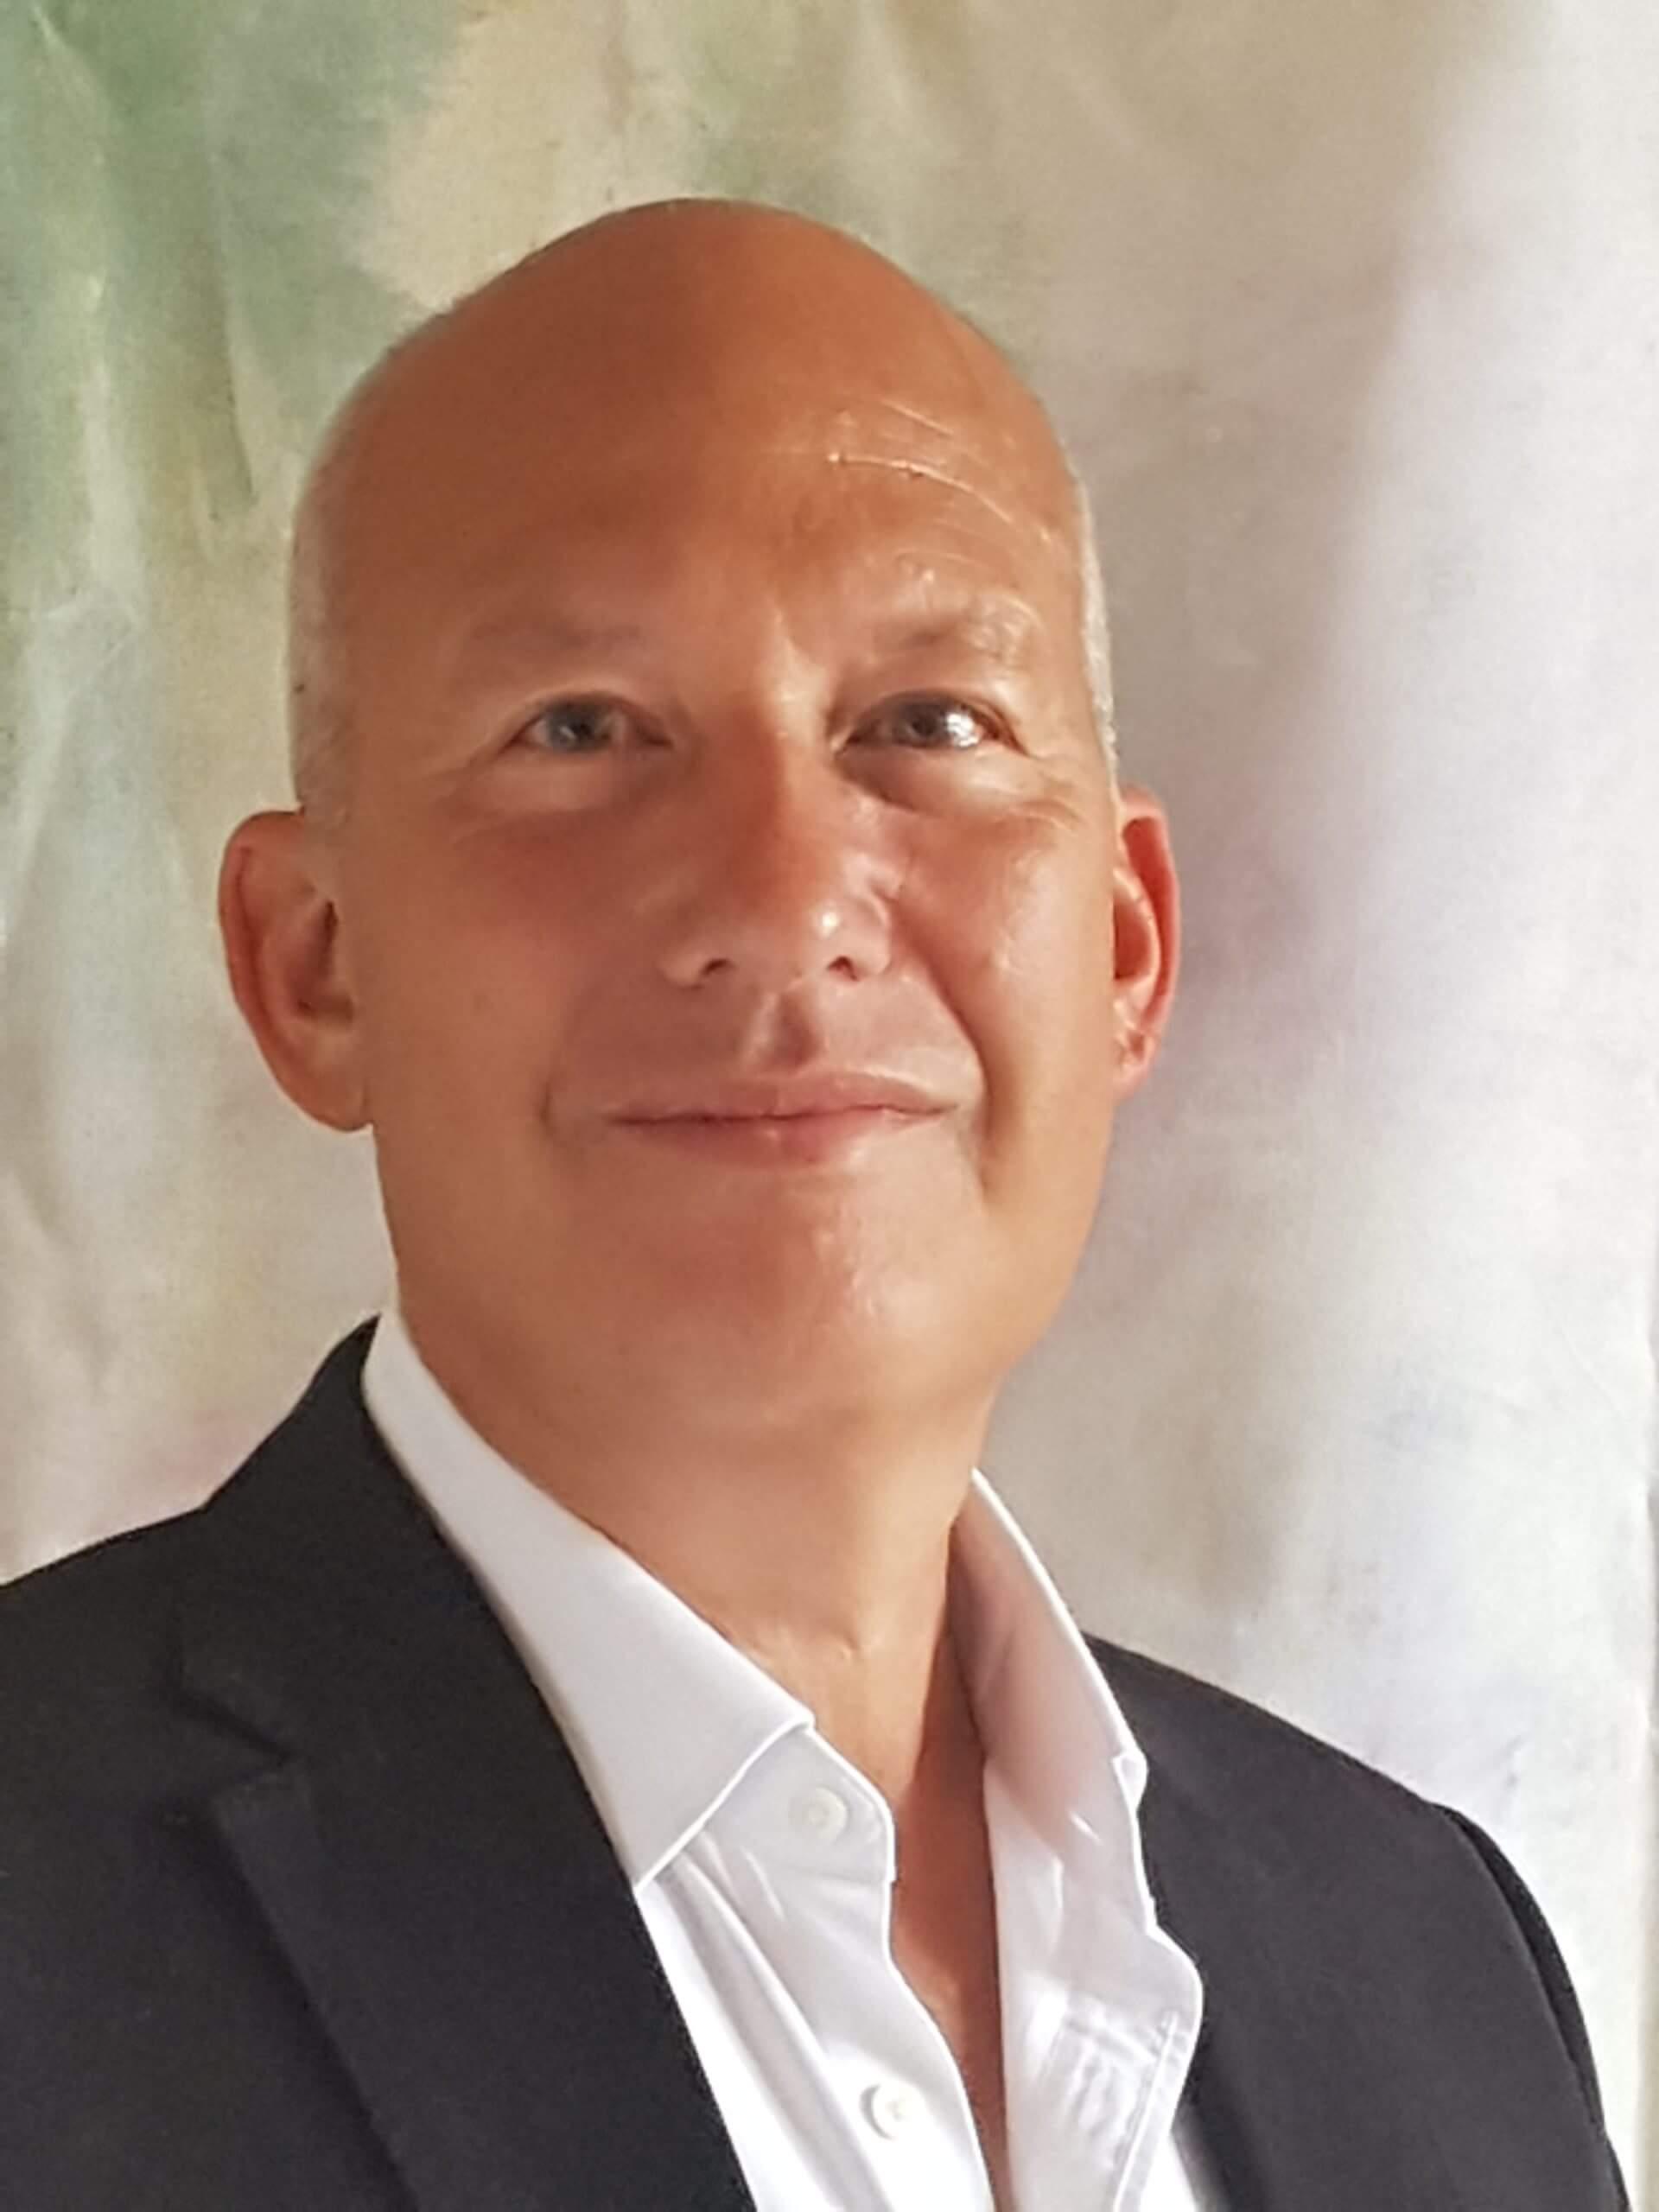 Tim Schoonmaker